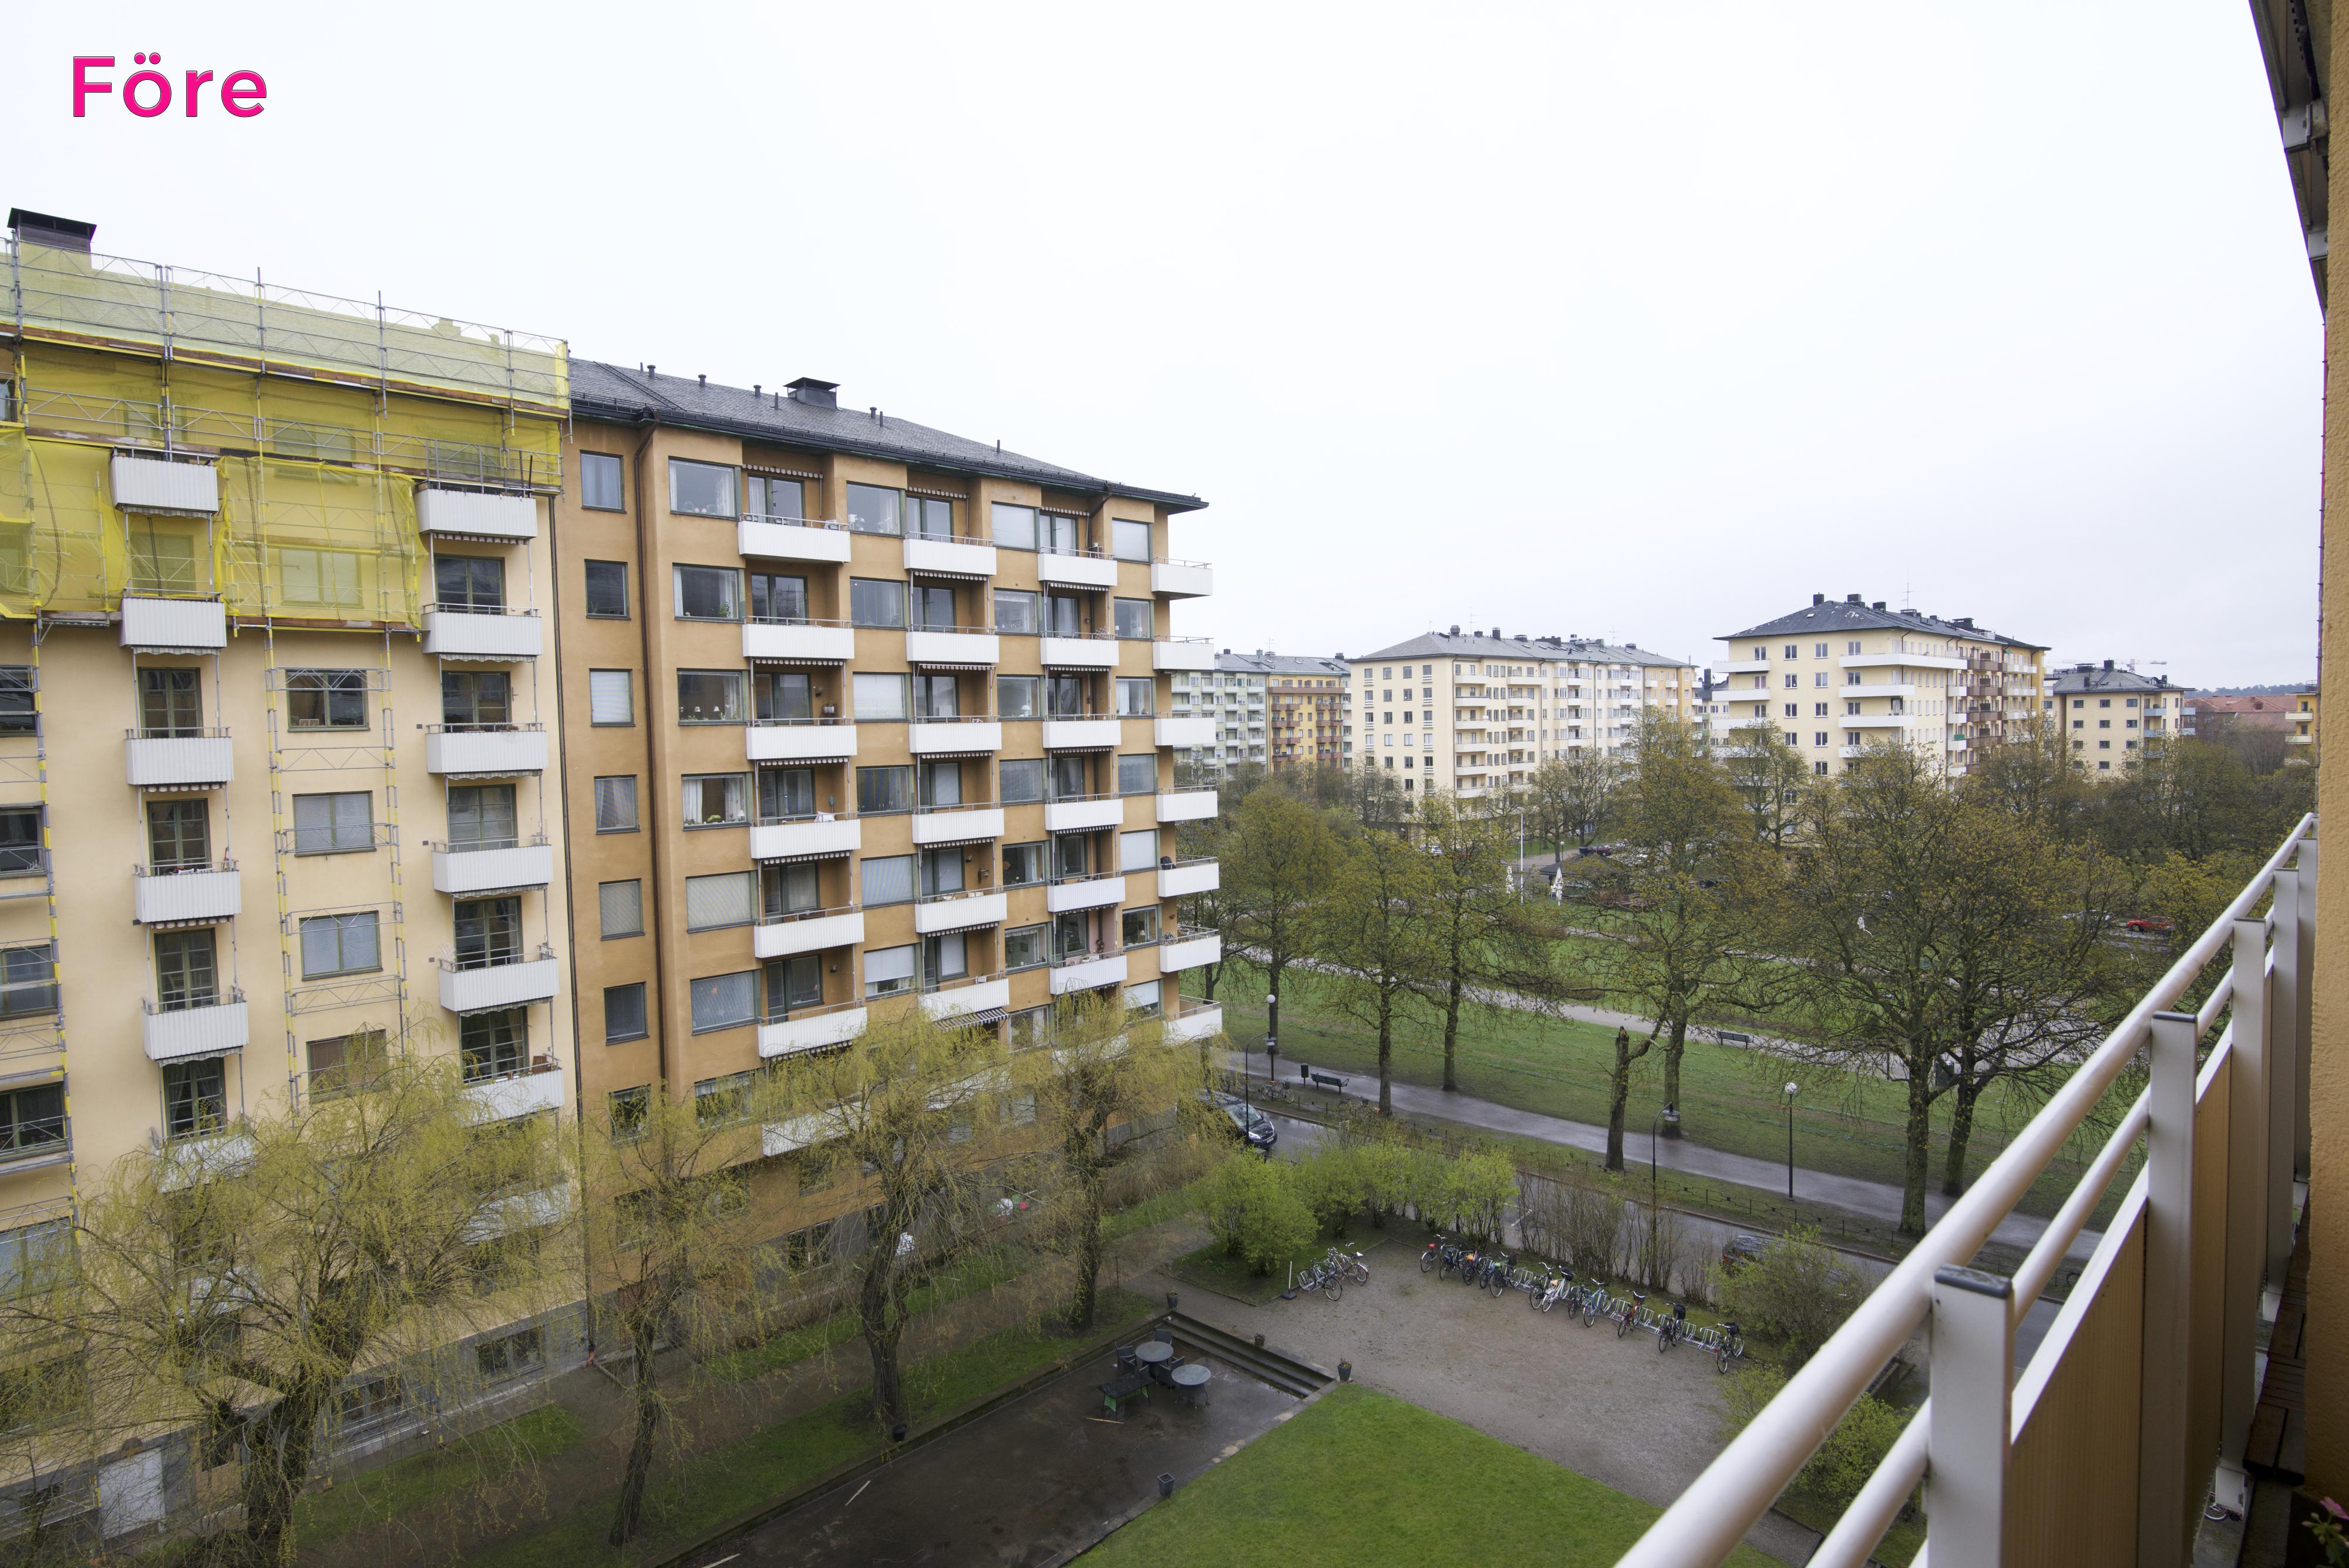 Zdjęcia dla agentów nieruchomości